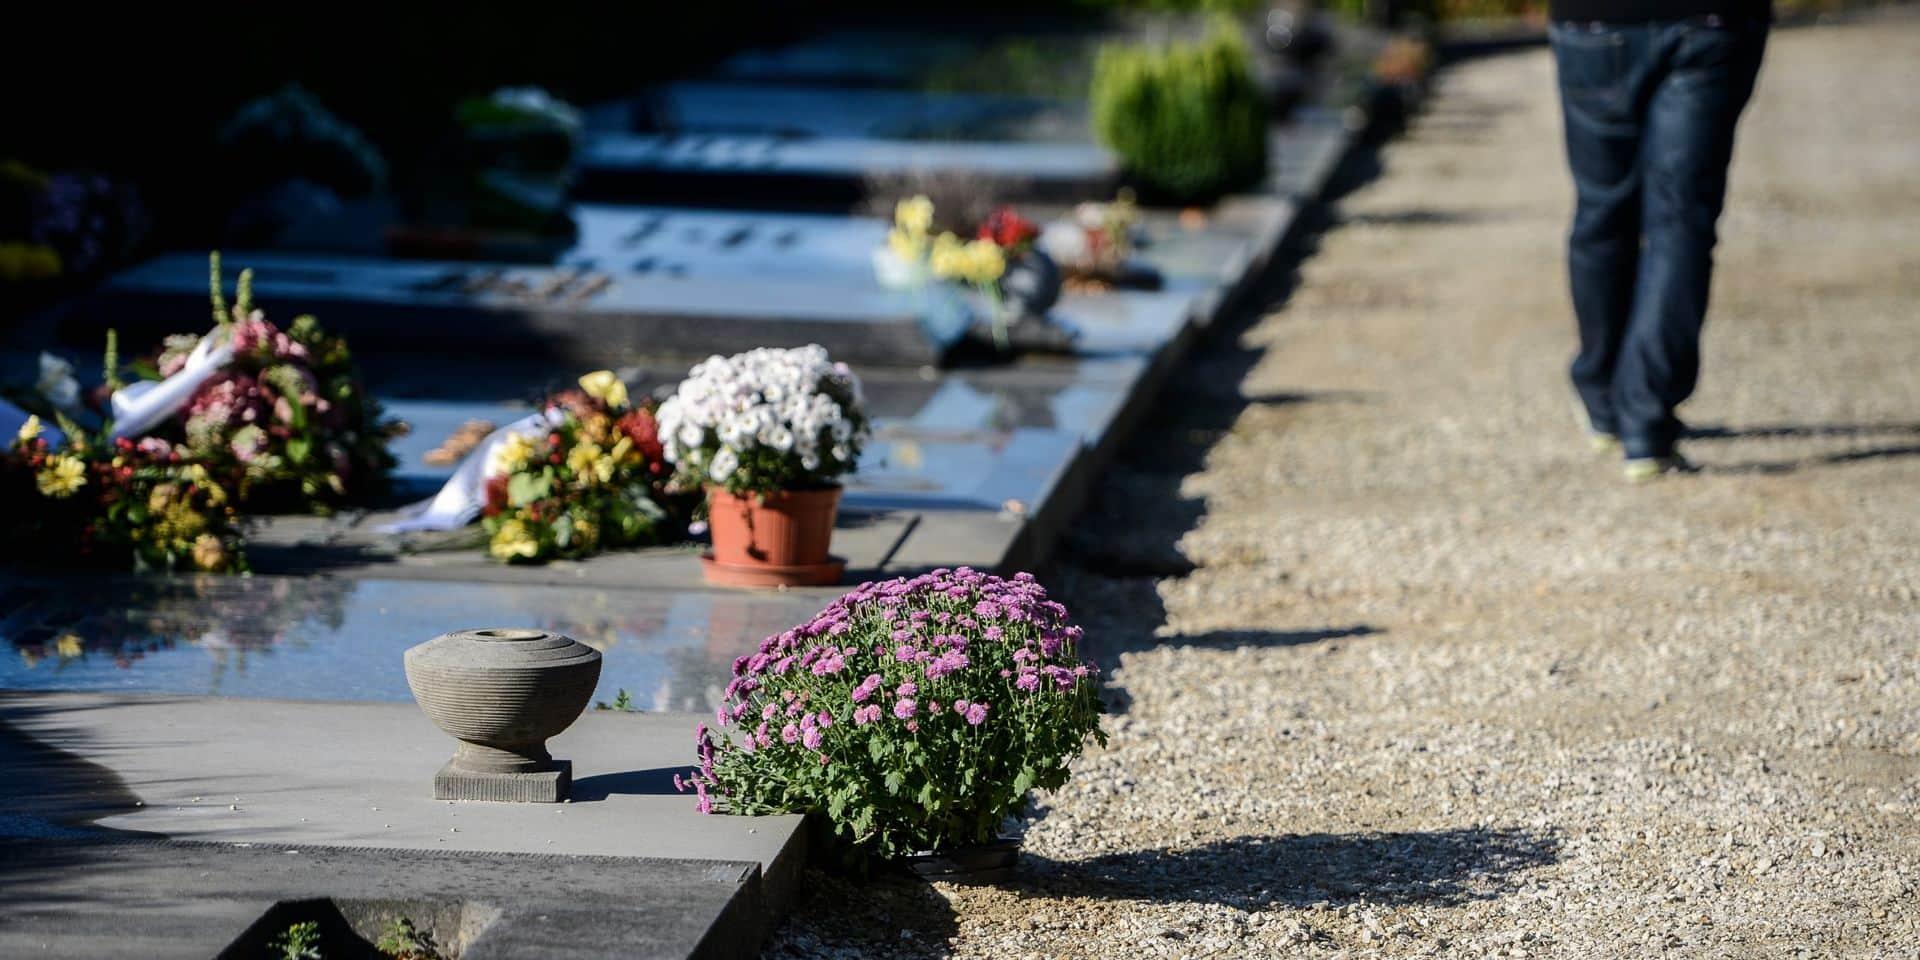 Toutes les cérémonies de funérailles en Wallonie devront avoir lieu en plein air et seront limitées à 15 personnes